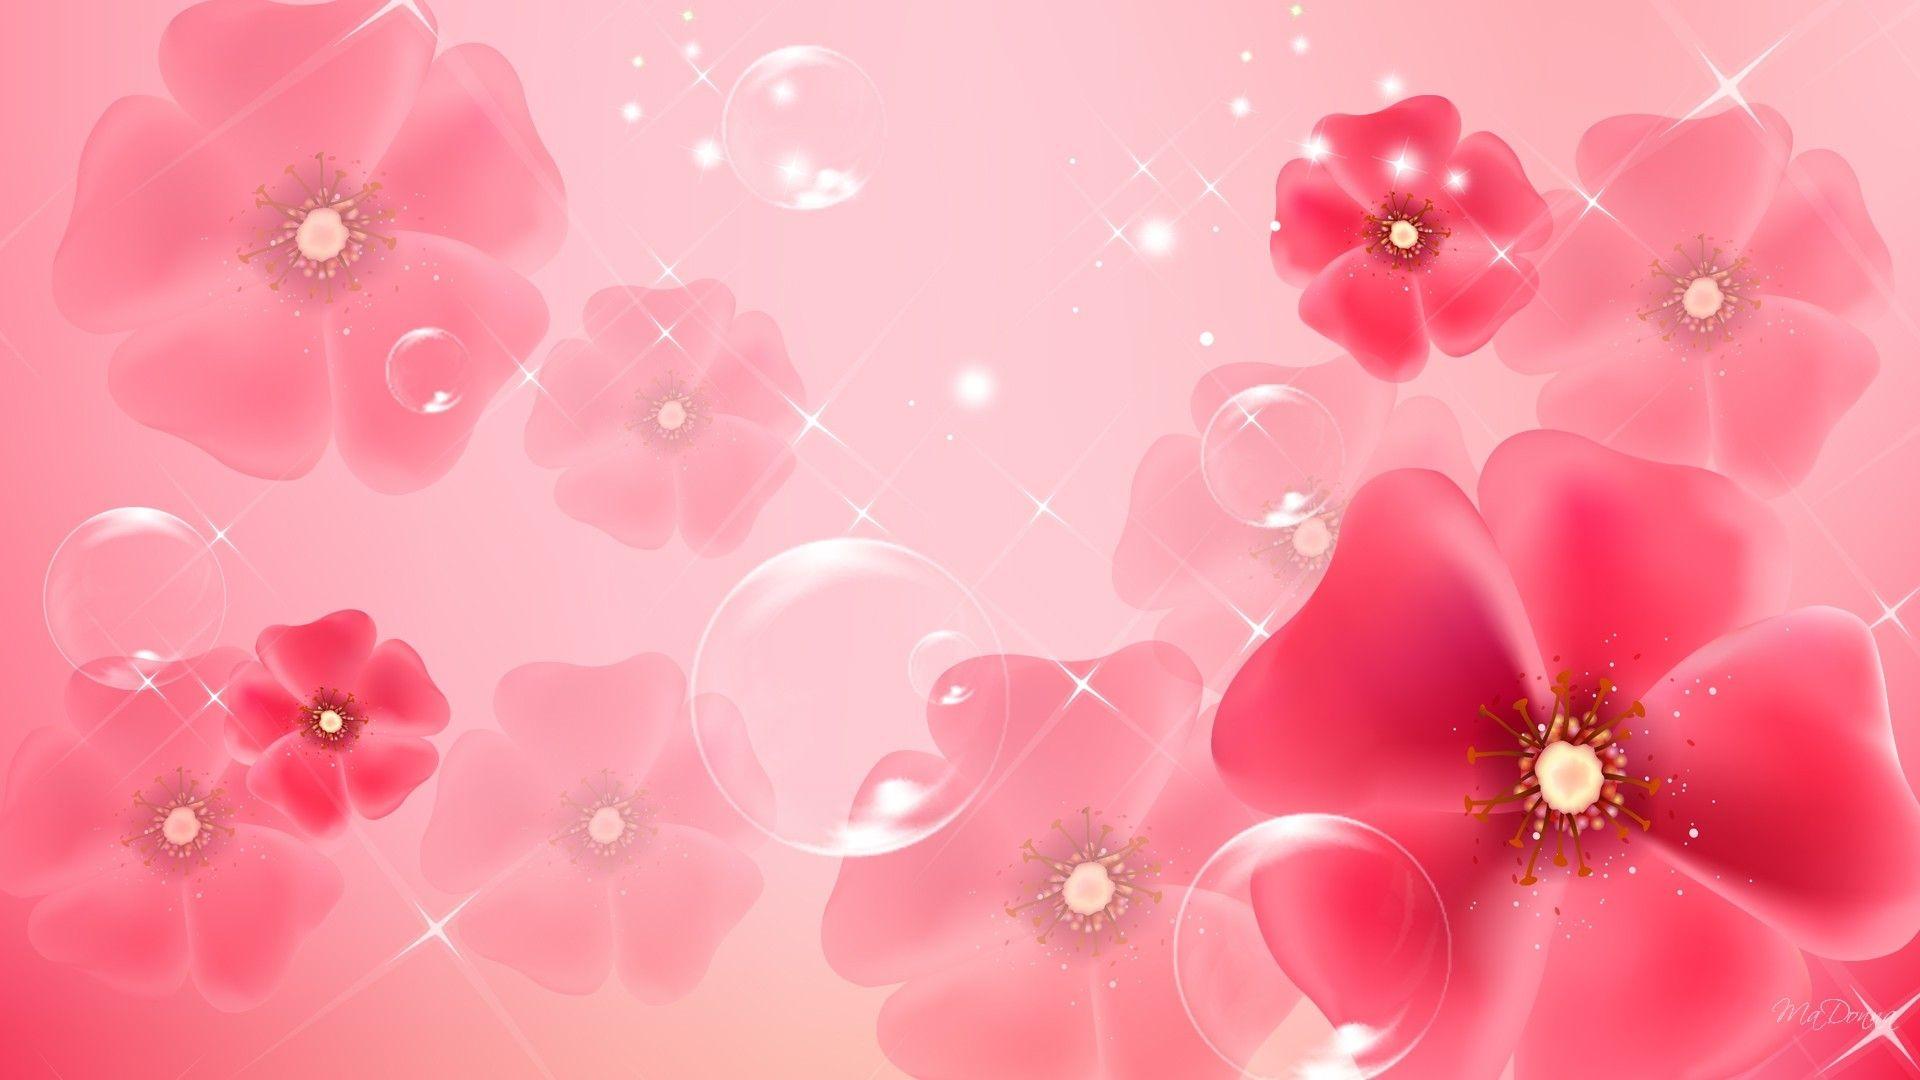 … Pink Desktop Wallpapers. Download